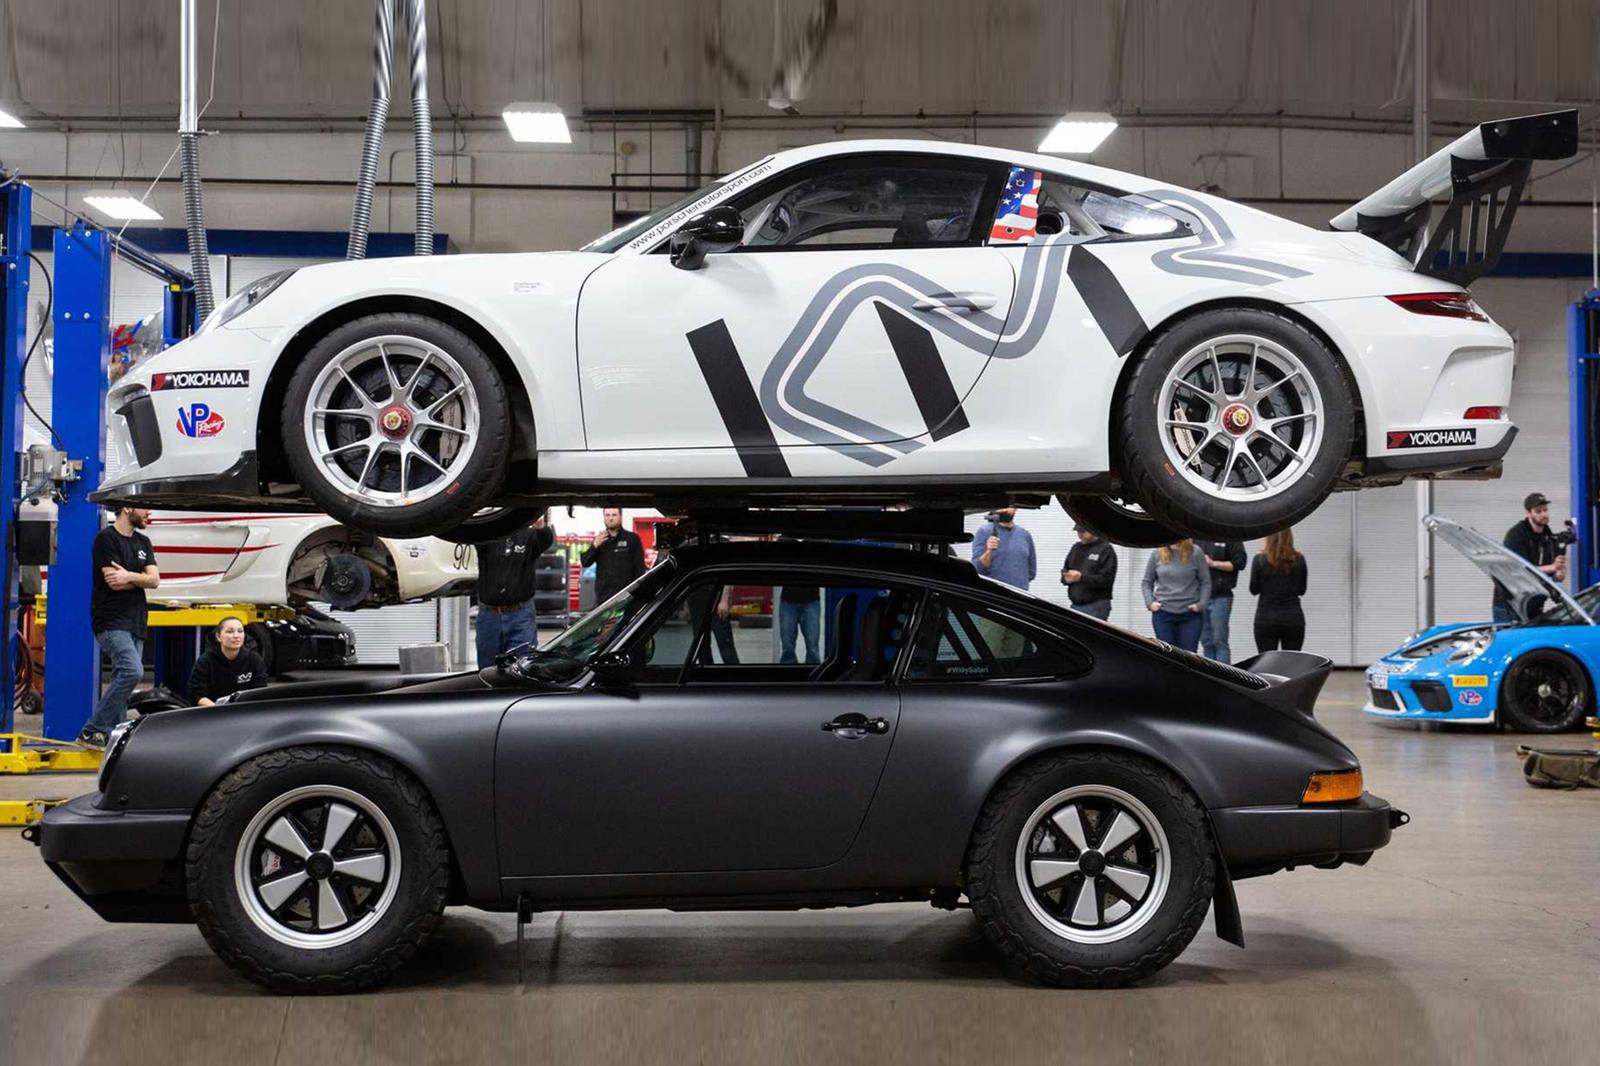 Động cơ của xe được tinh chỉnh để có thể tăng thêm tải trọng